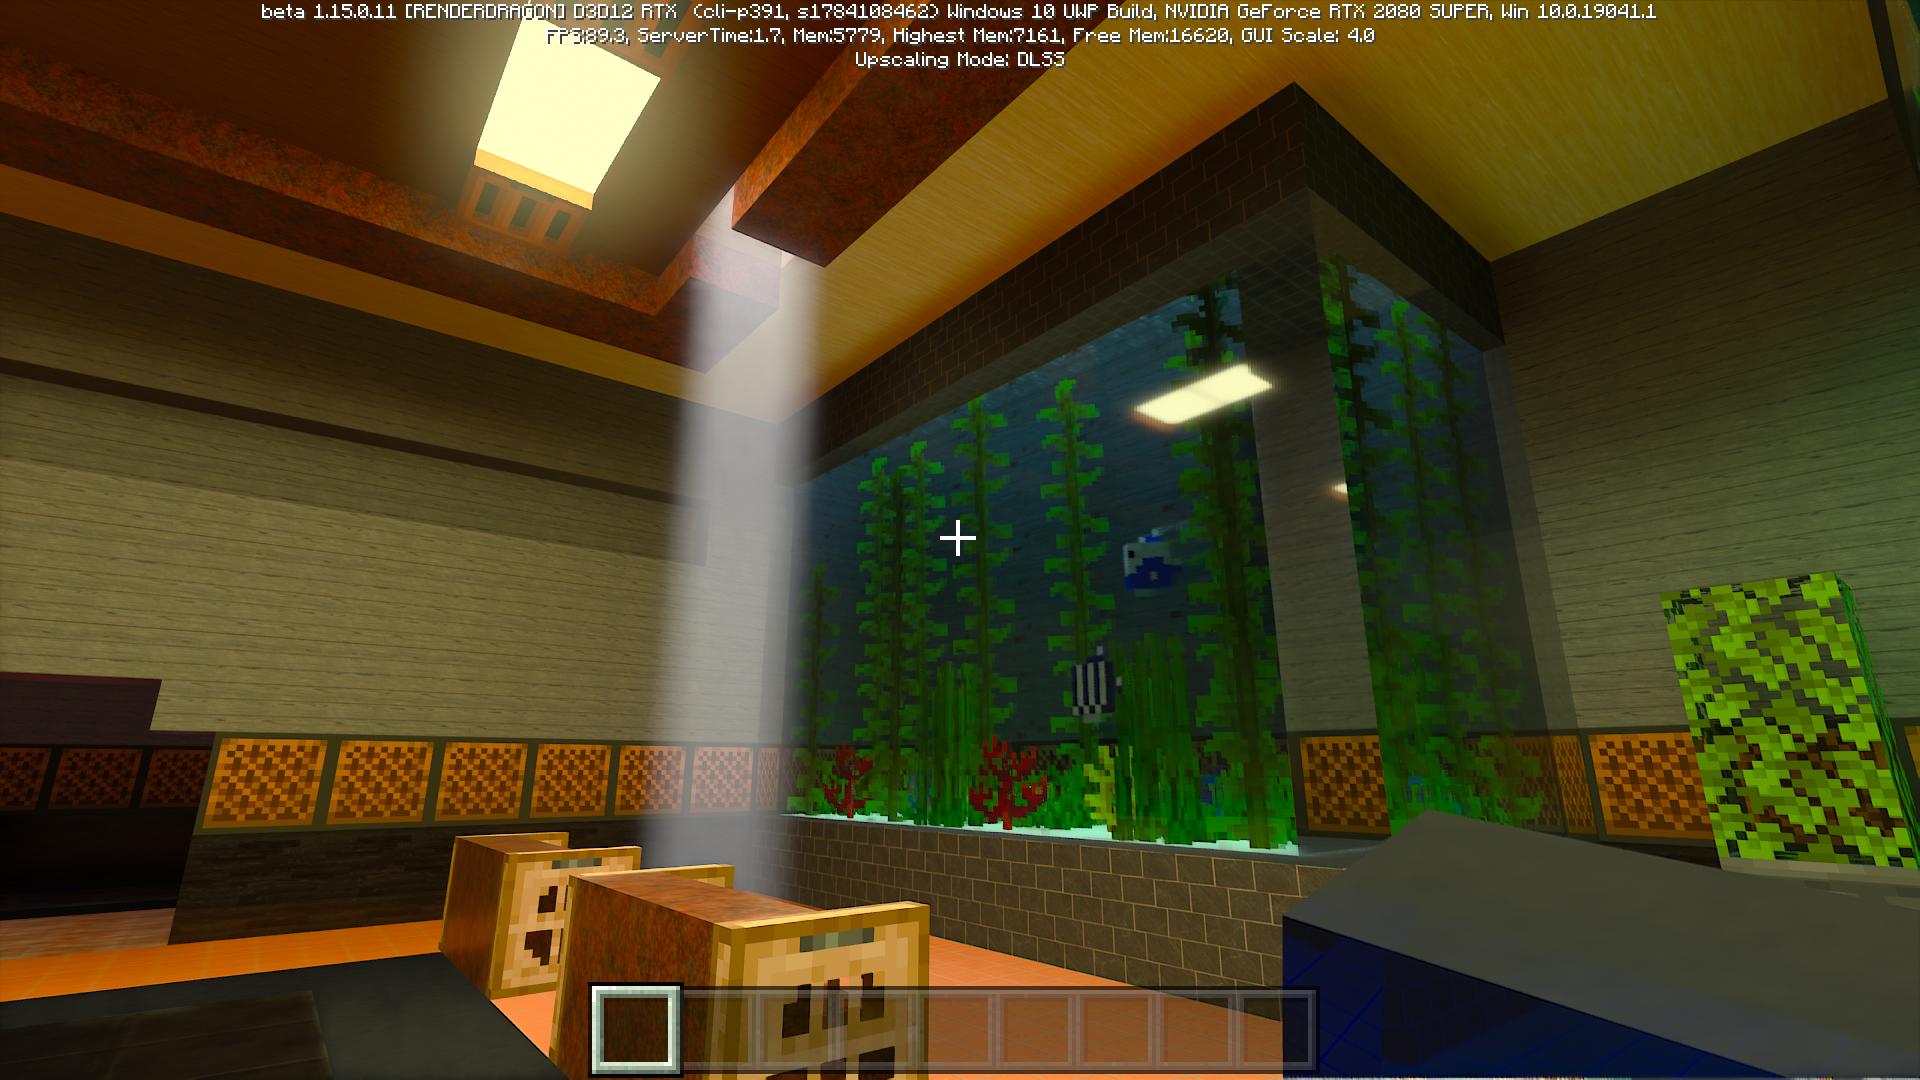 天井から光が射し込むなど、いわゆるゴッドレイも見事に表現。水槽内の陰影もリアルだ